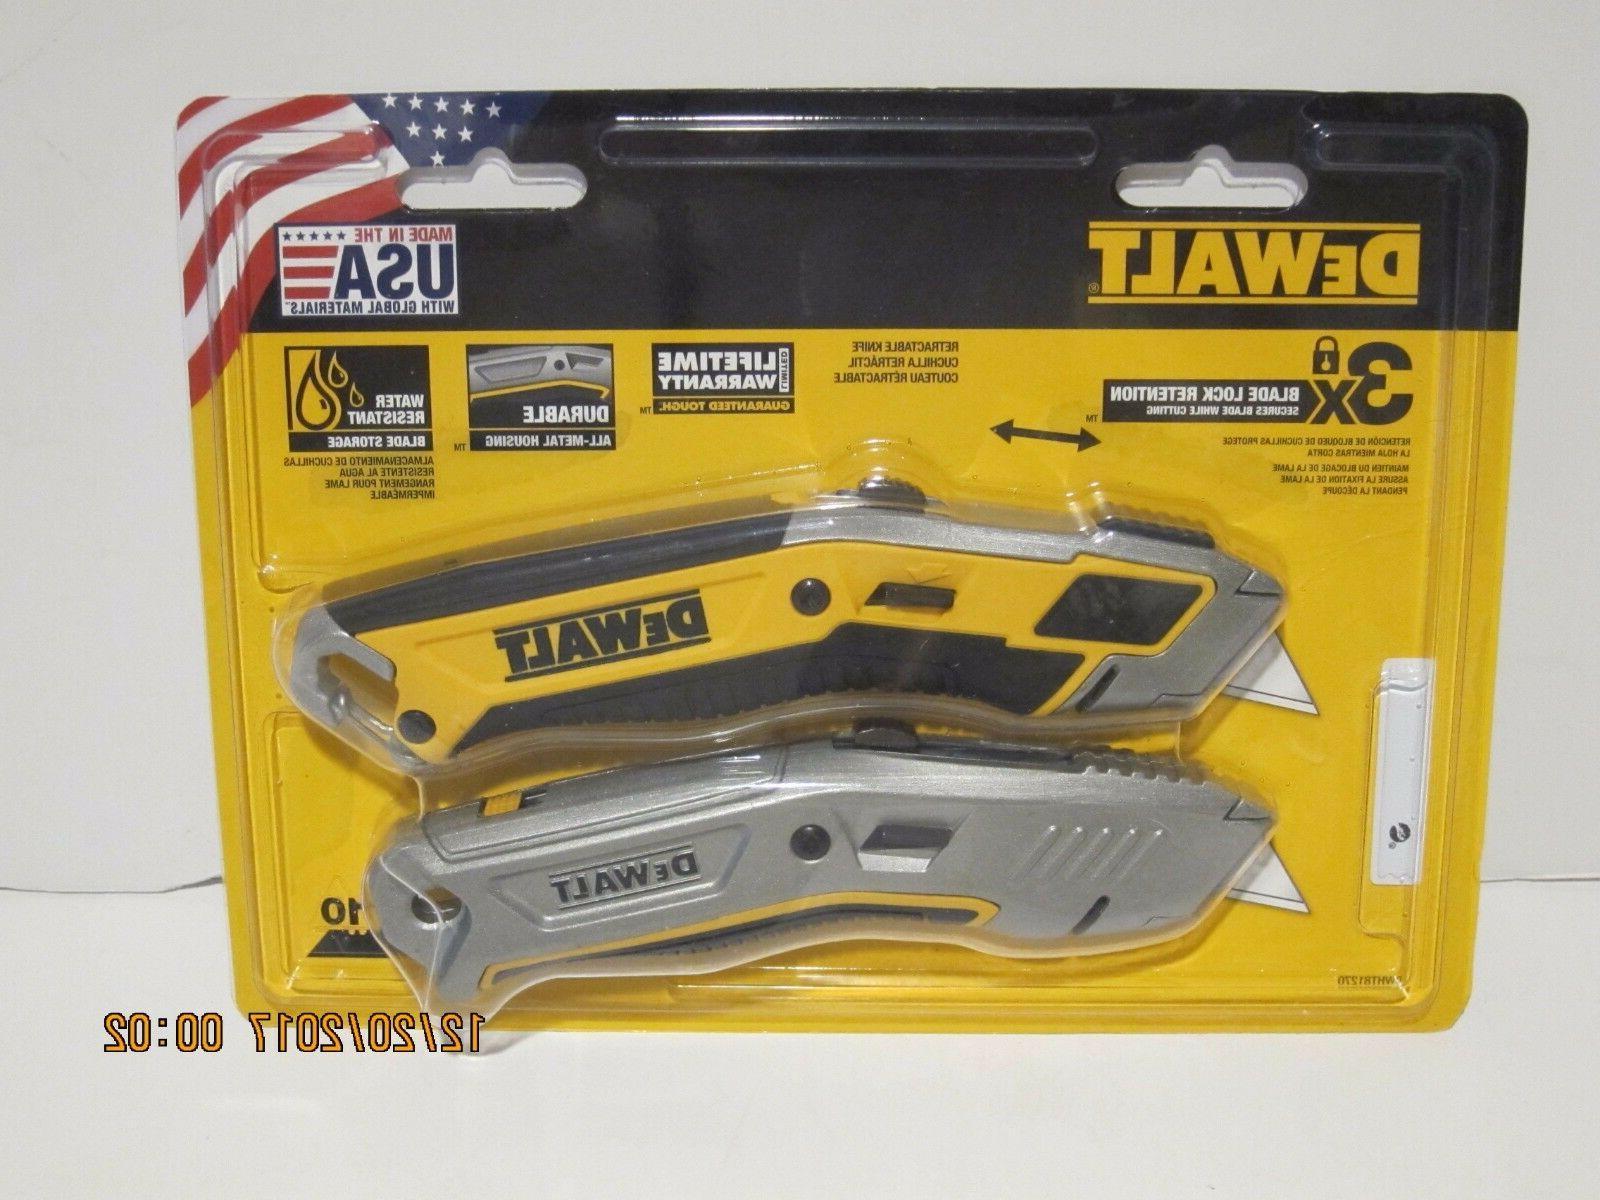 Dewalt DWHT81270 Retractable Utility Knife  FREE PRI-SHIP, N